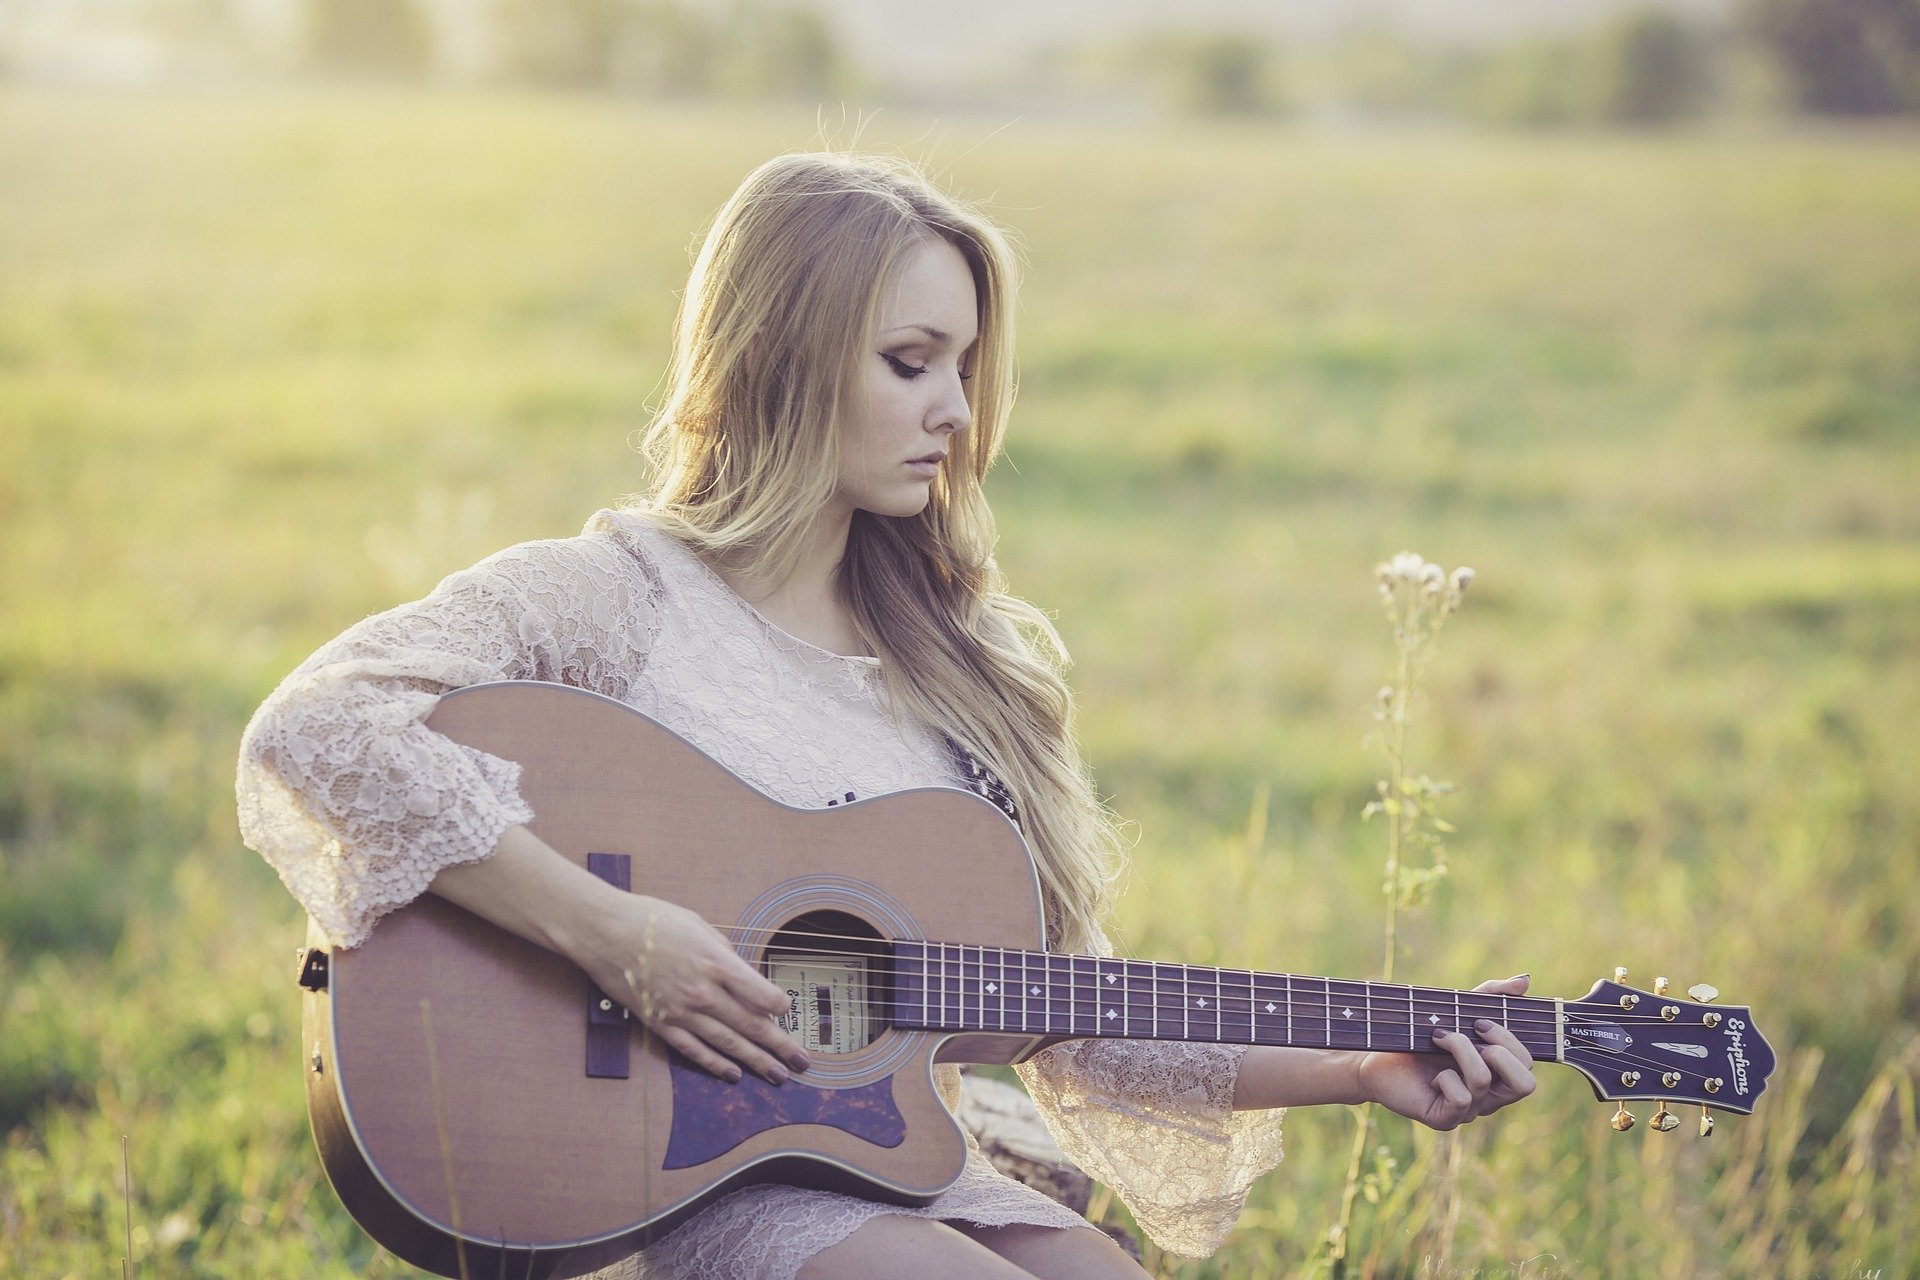 Opkomende Overijsselse artiesten boost aan carrière geven